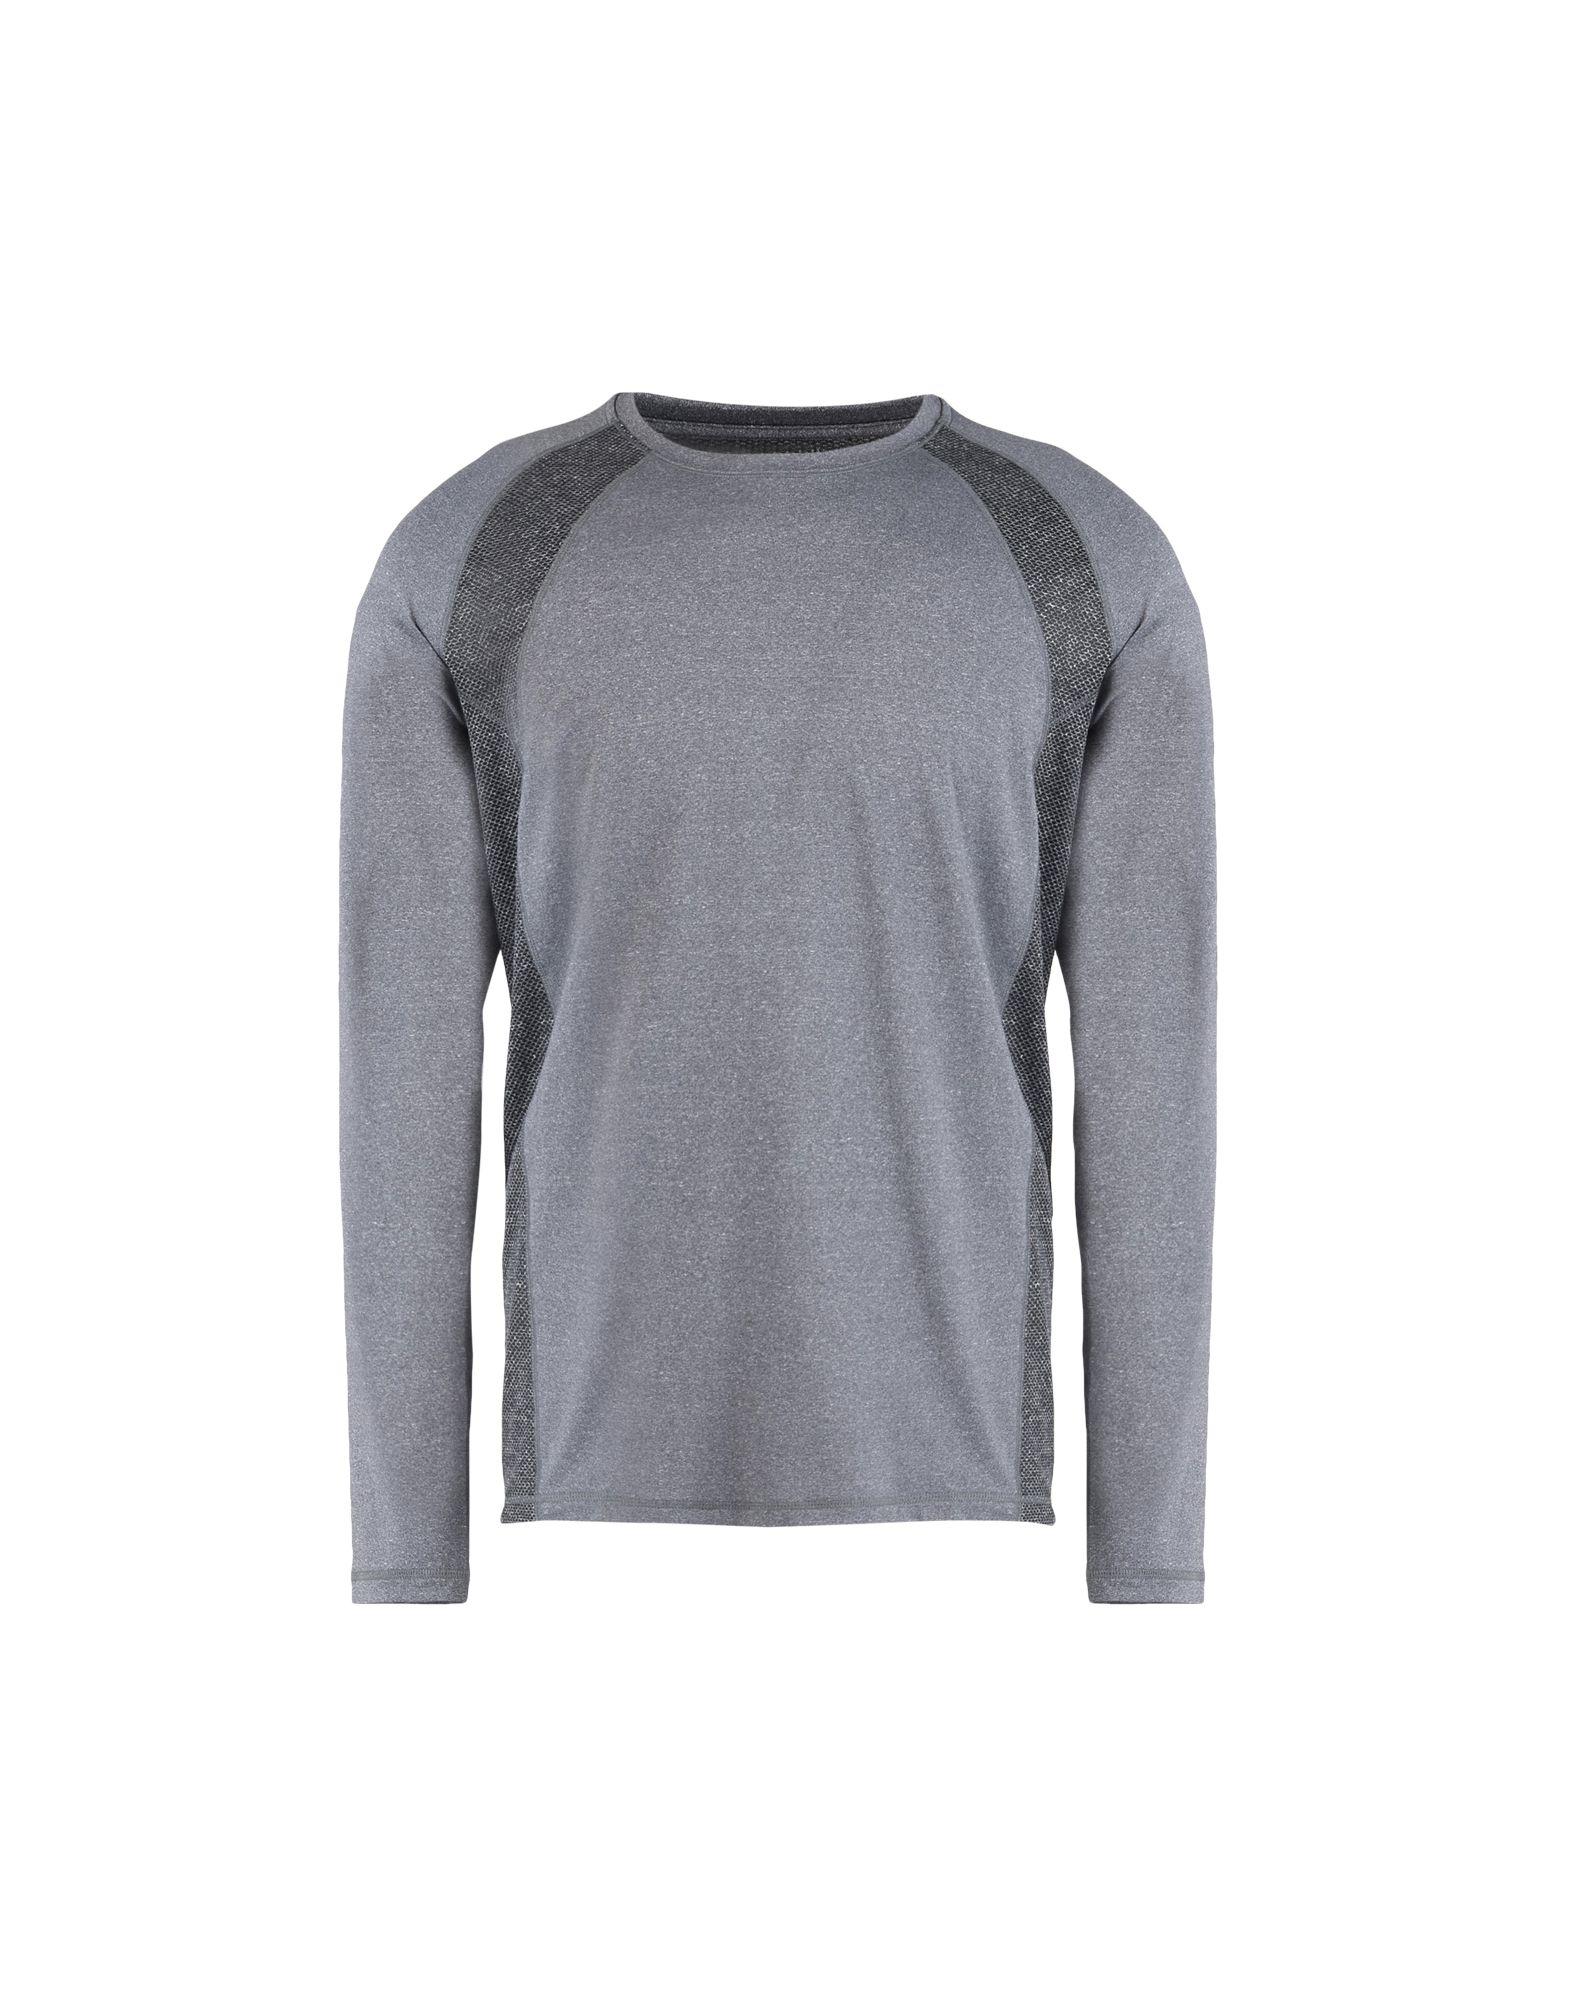 CASALL Футболка футболка мужская concrete tee casall